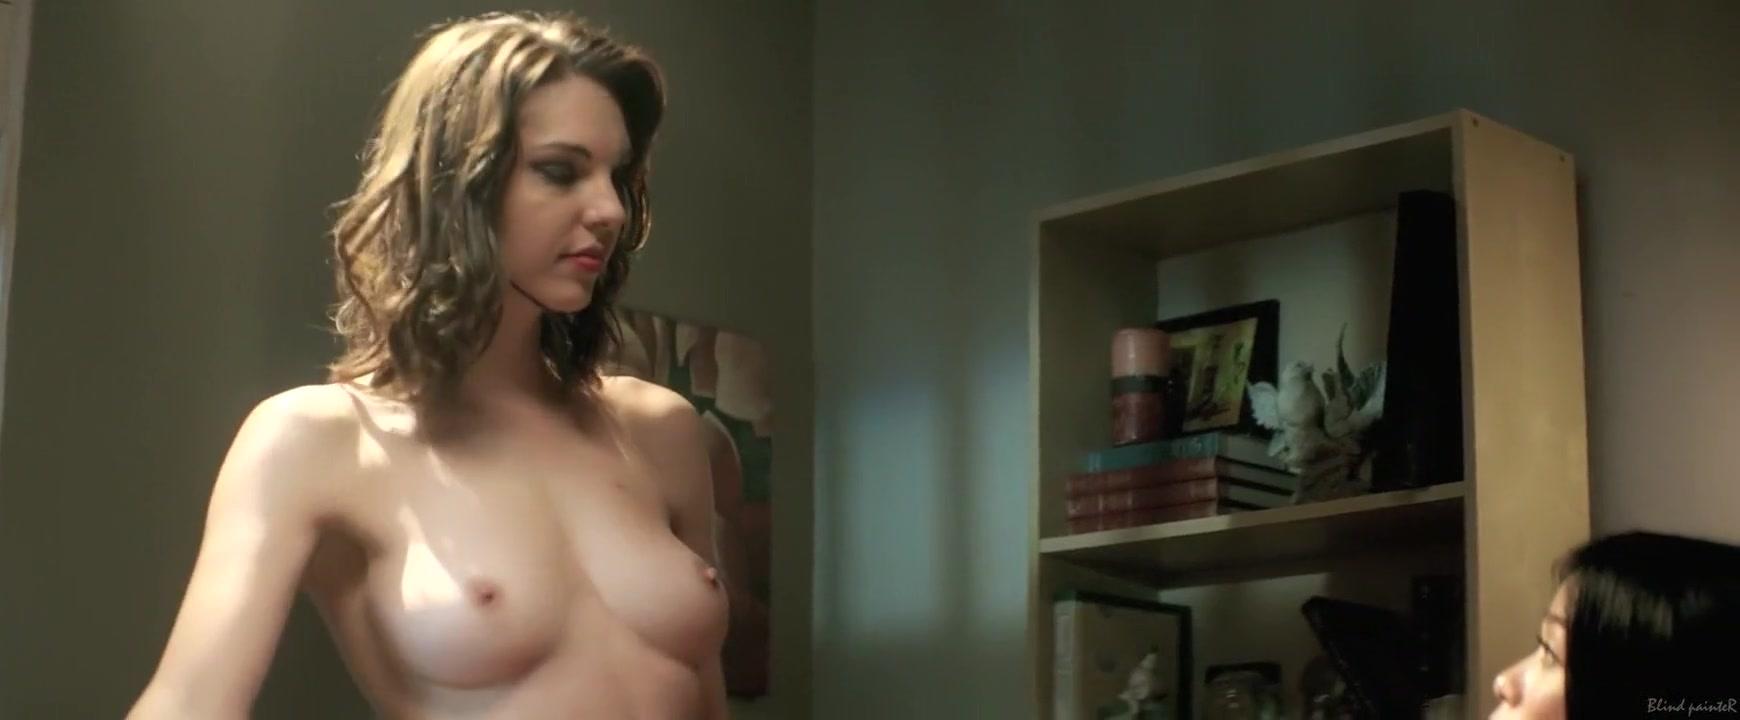 Porn Pics & Movies German mature porn pics